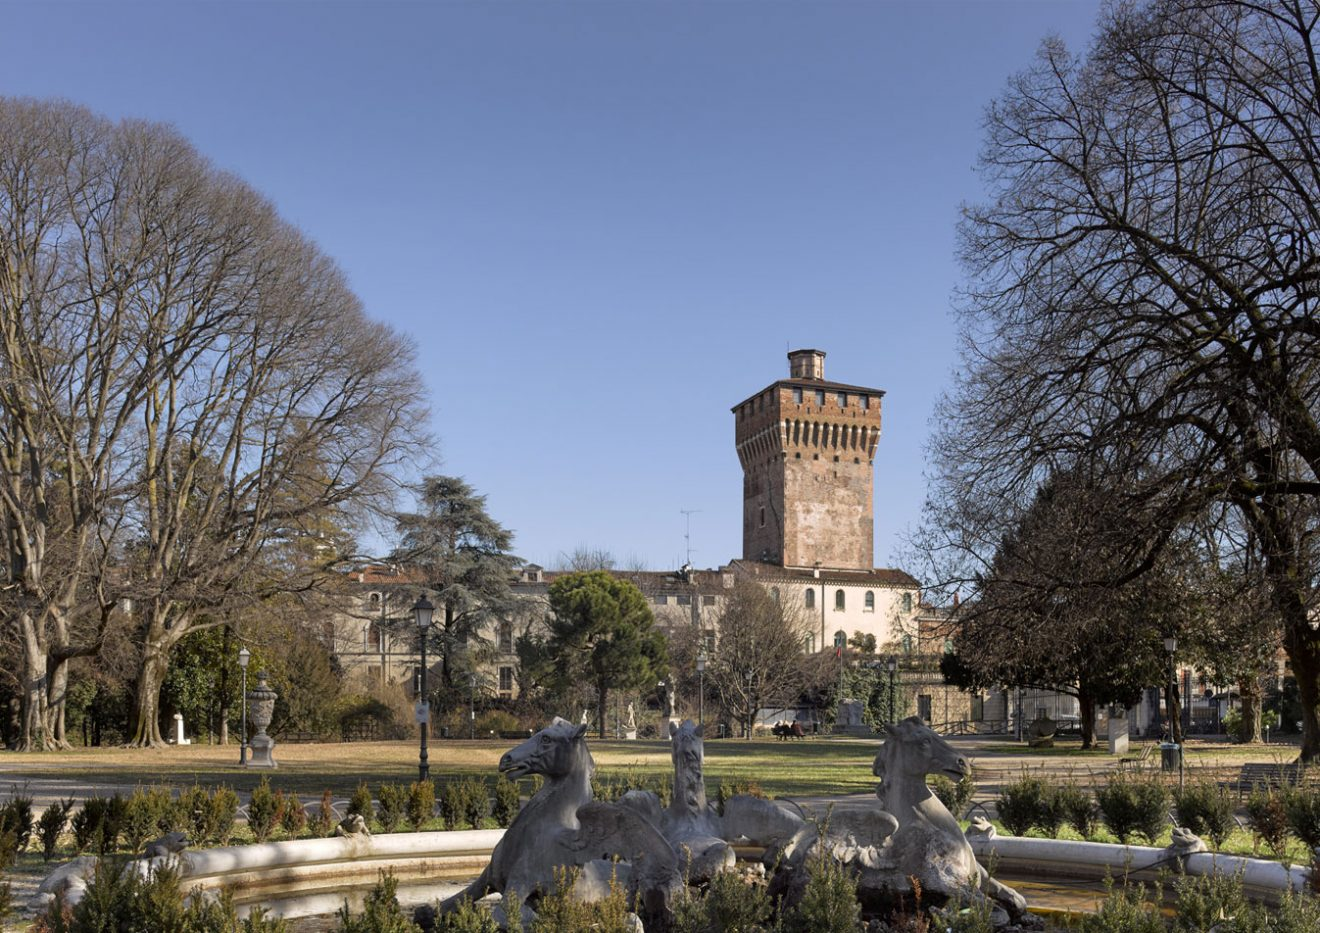 Apre un nuovo spazio per l'arte contemporanea di alto livello: è la Fondazione Coppola di Vicenza